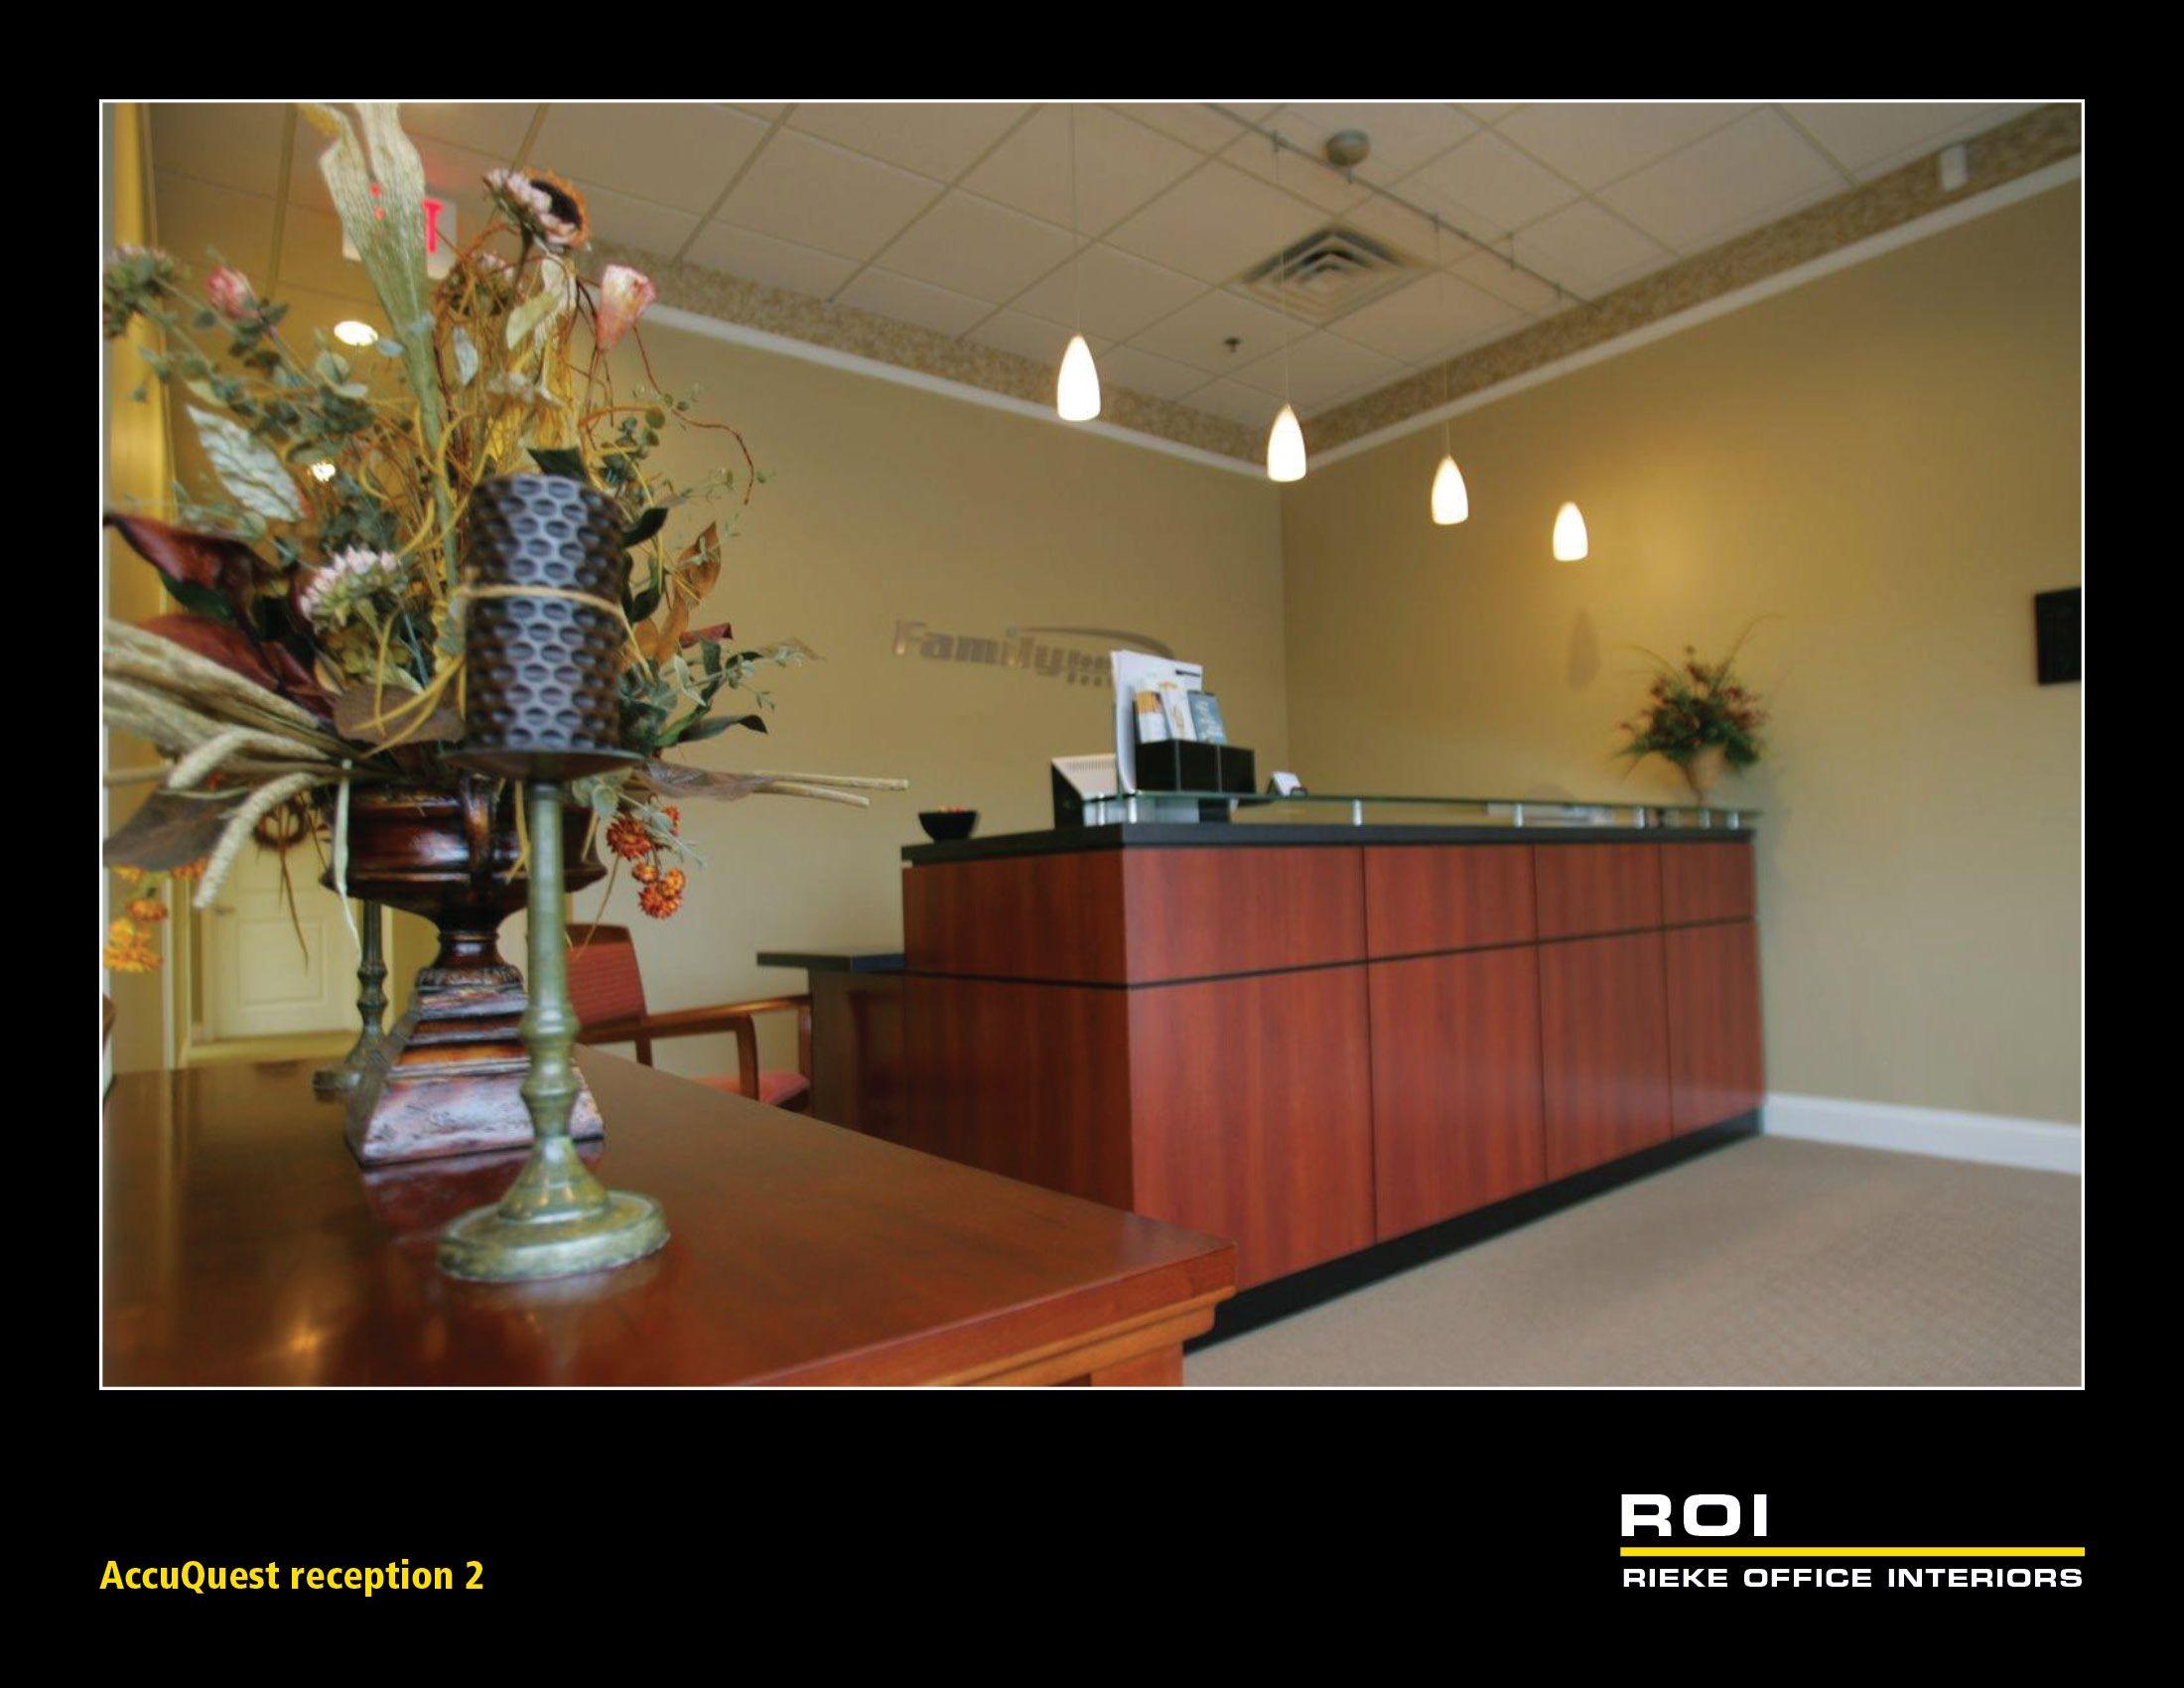 Accuquest reception desk office interiors home decor decor